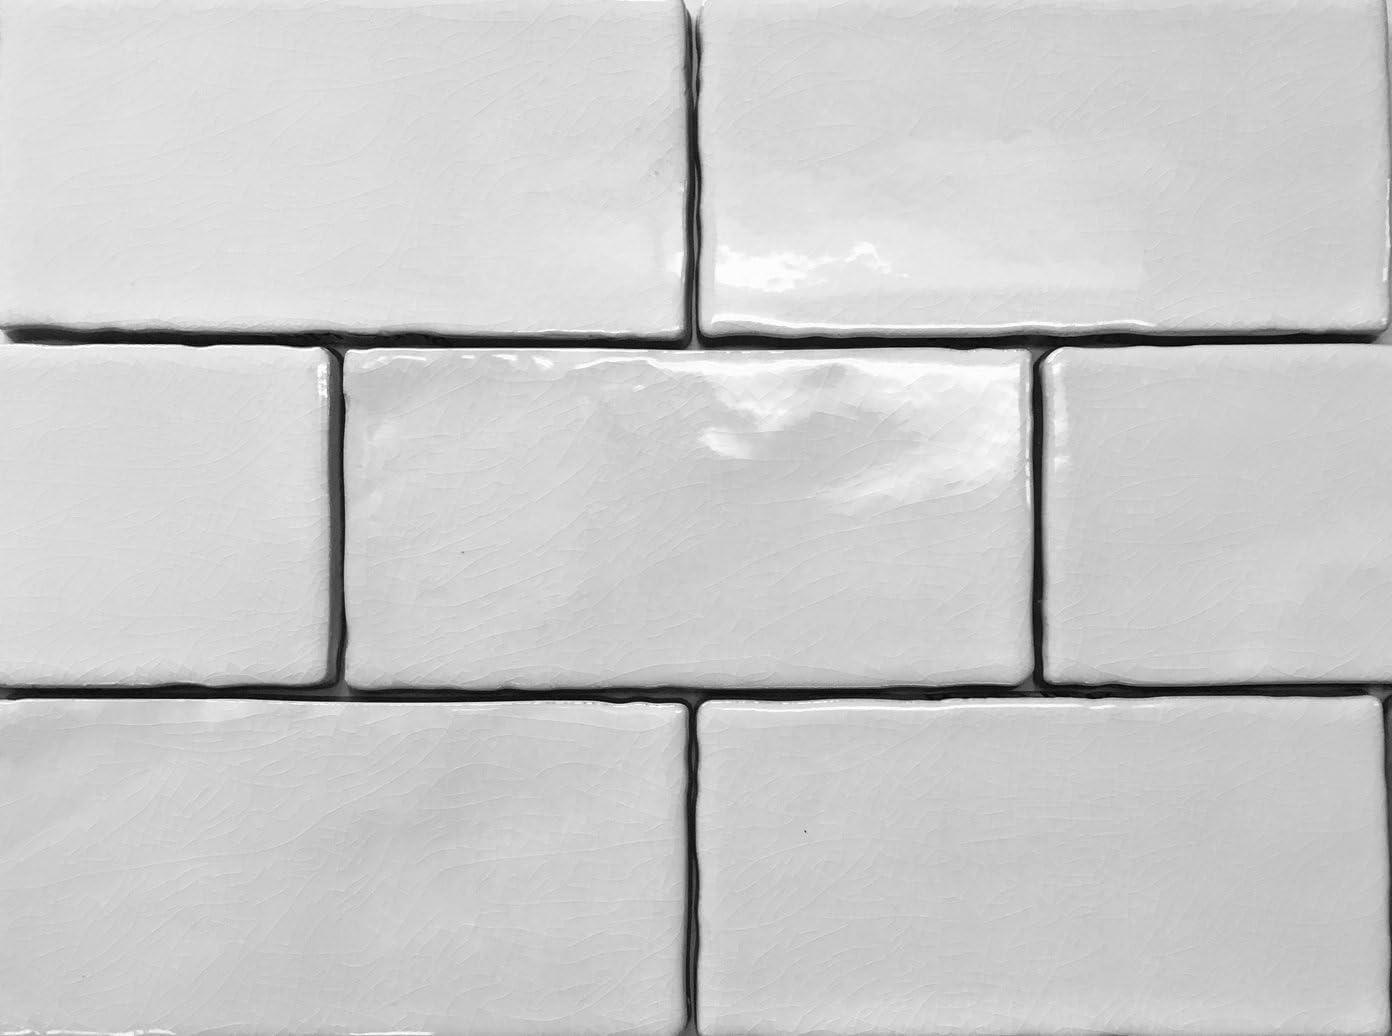 - 3x6 White Crackled Ceramic Subway Tile Backsplash: Amazon.ca